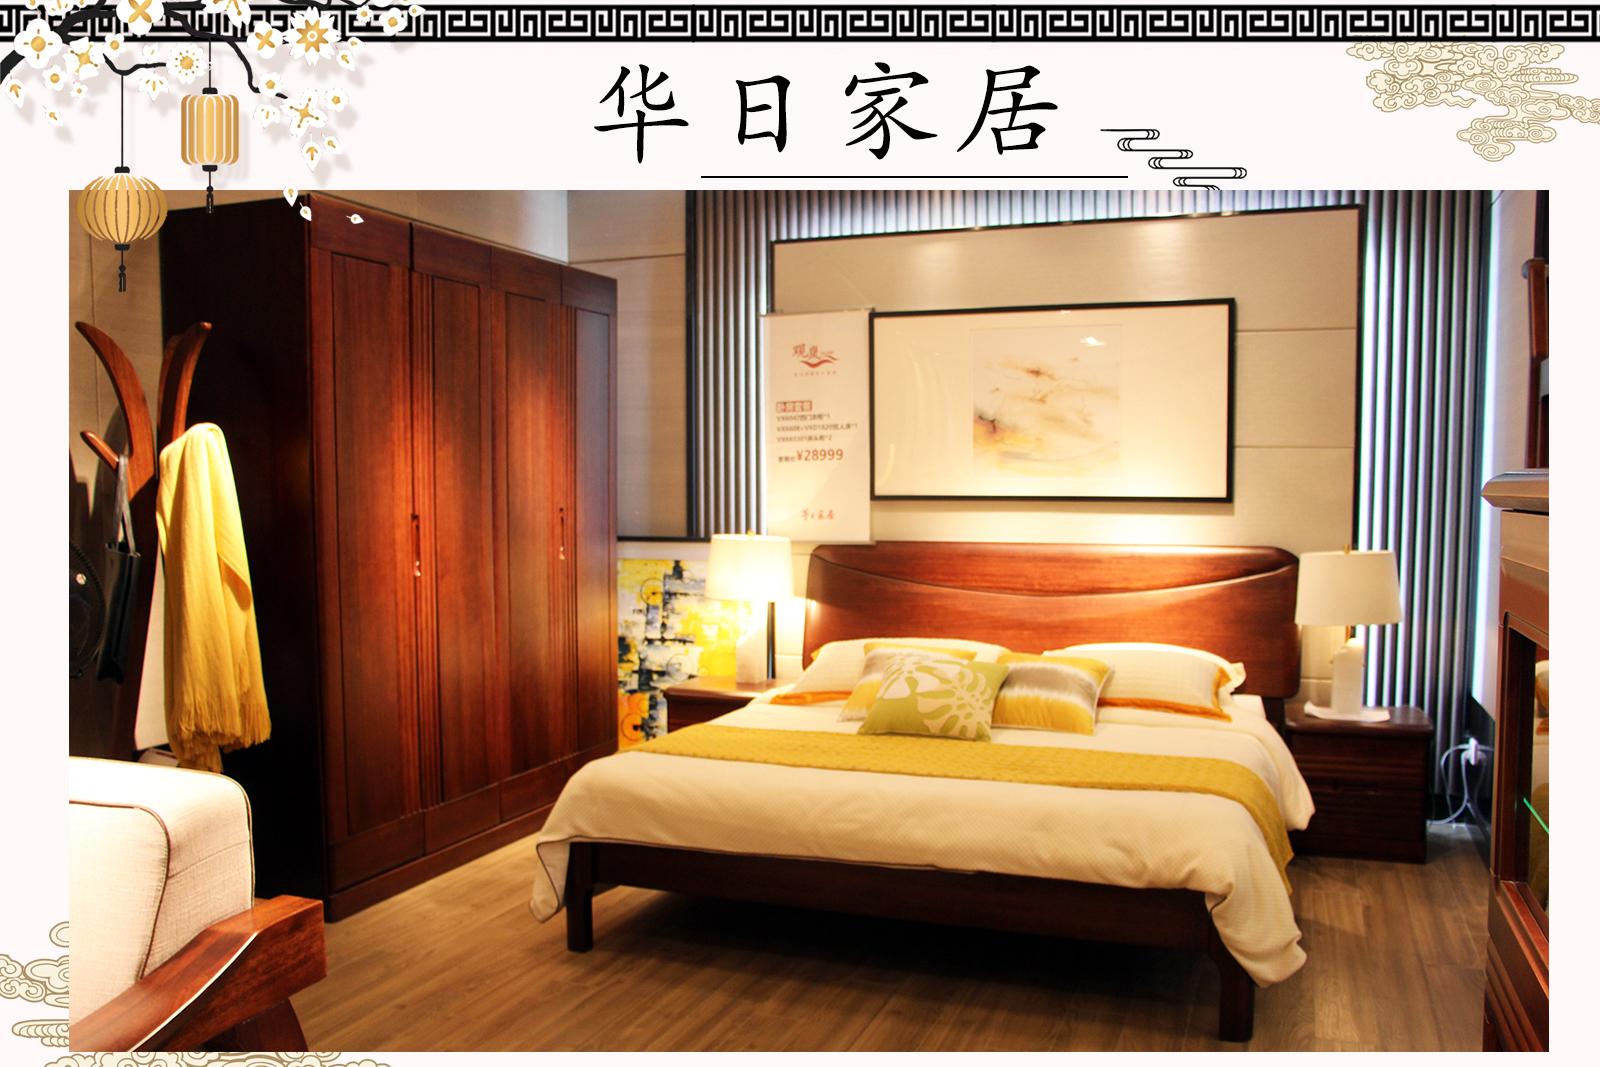 别具韵味现代中式家具 打造雅致卧室环境